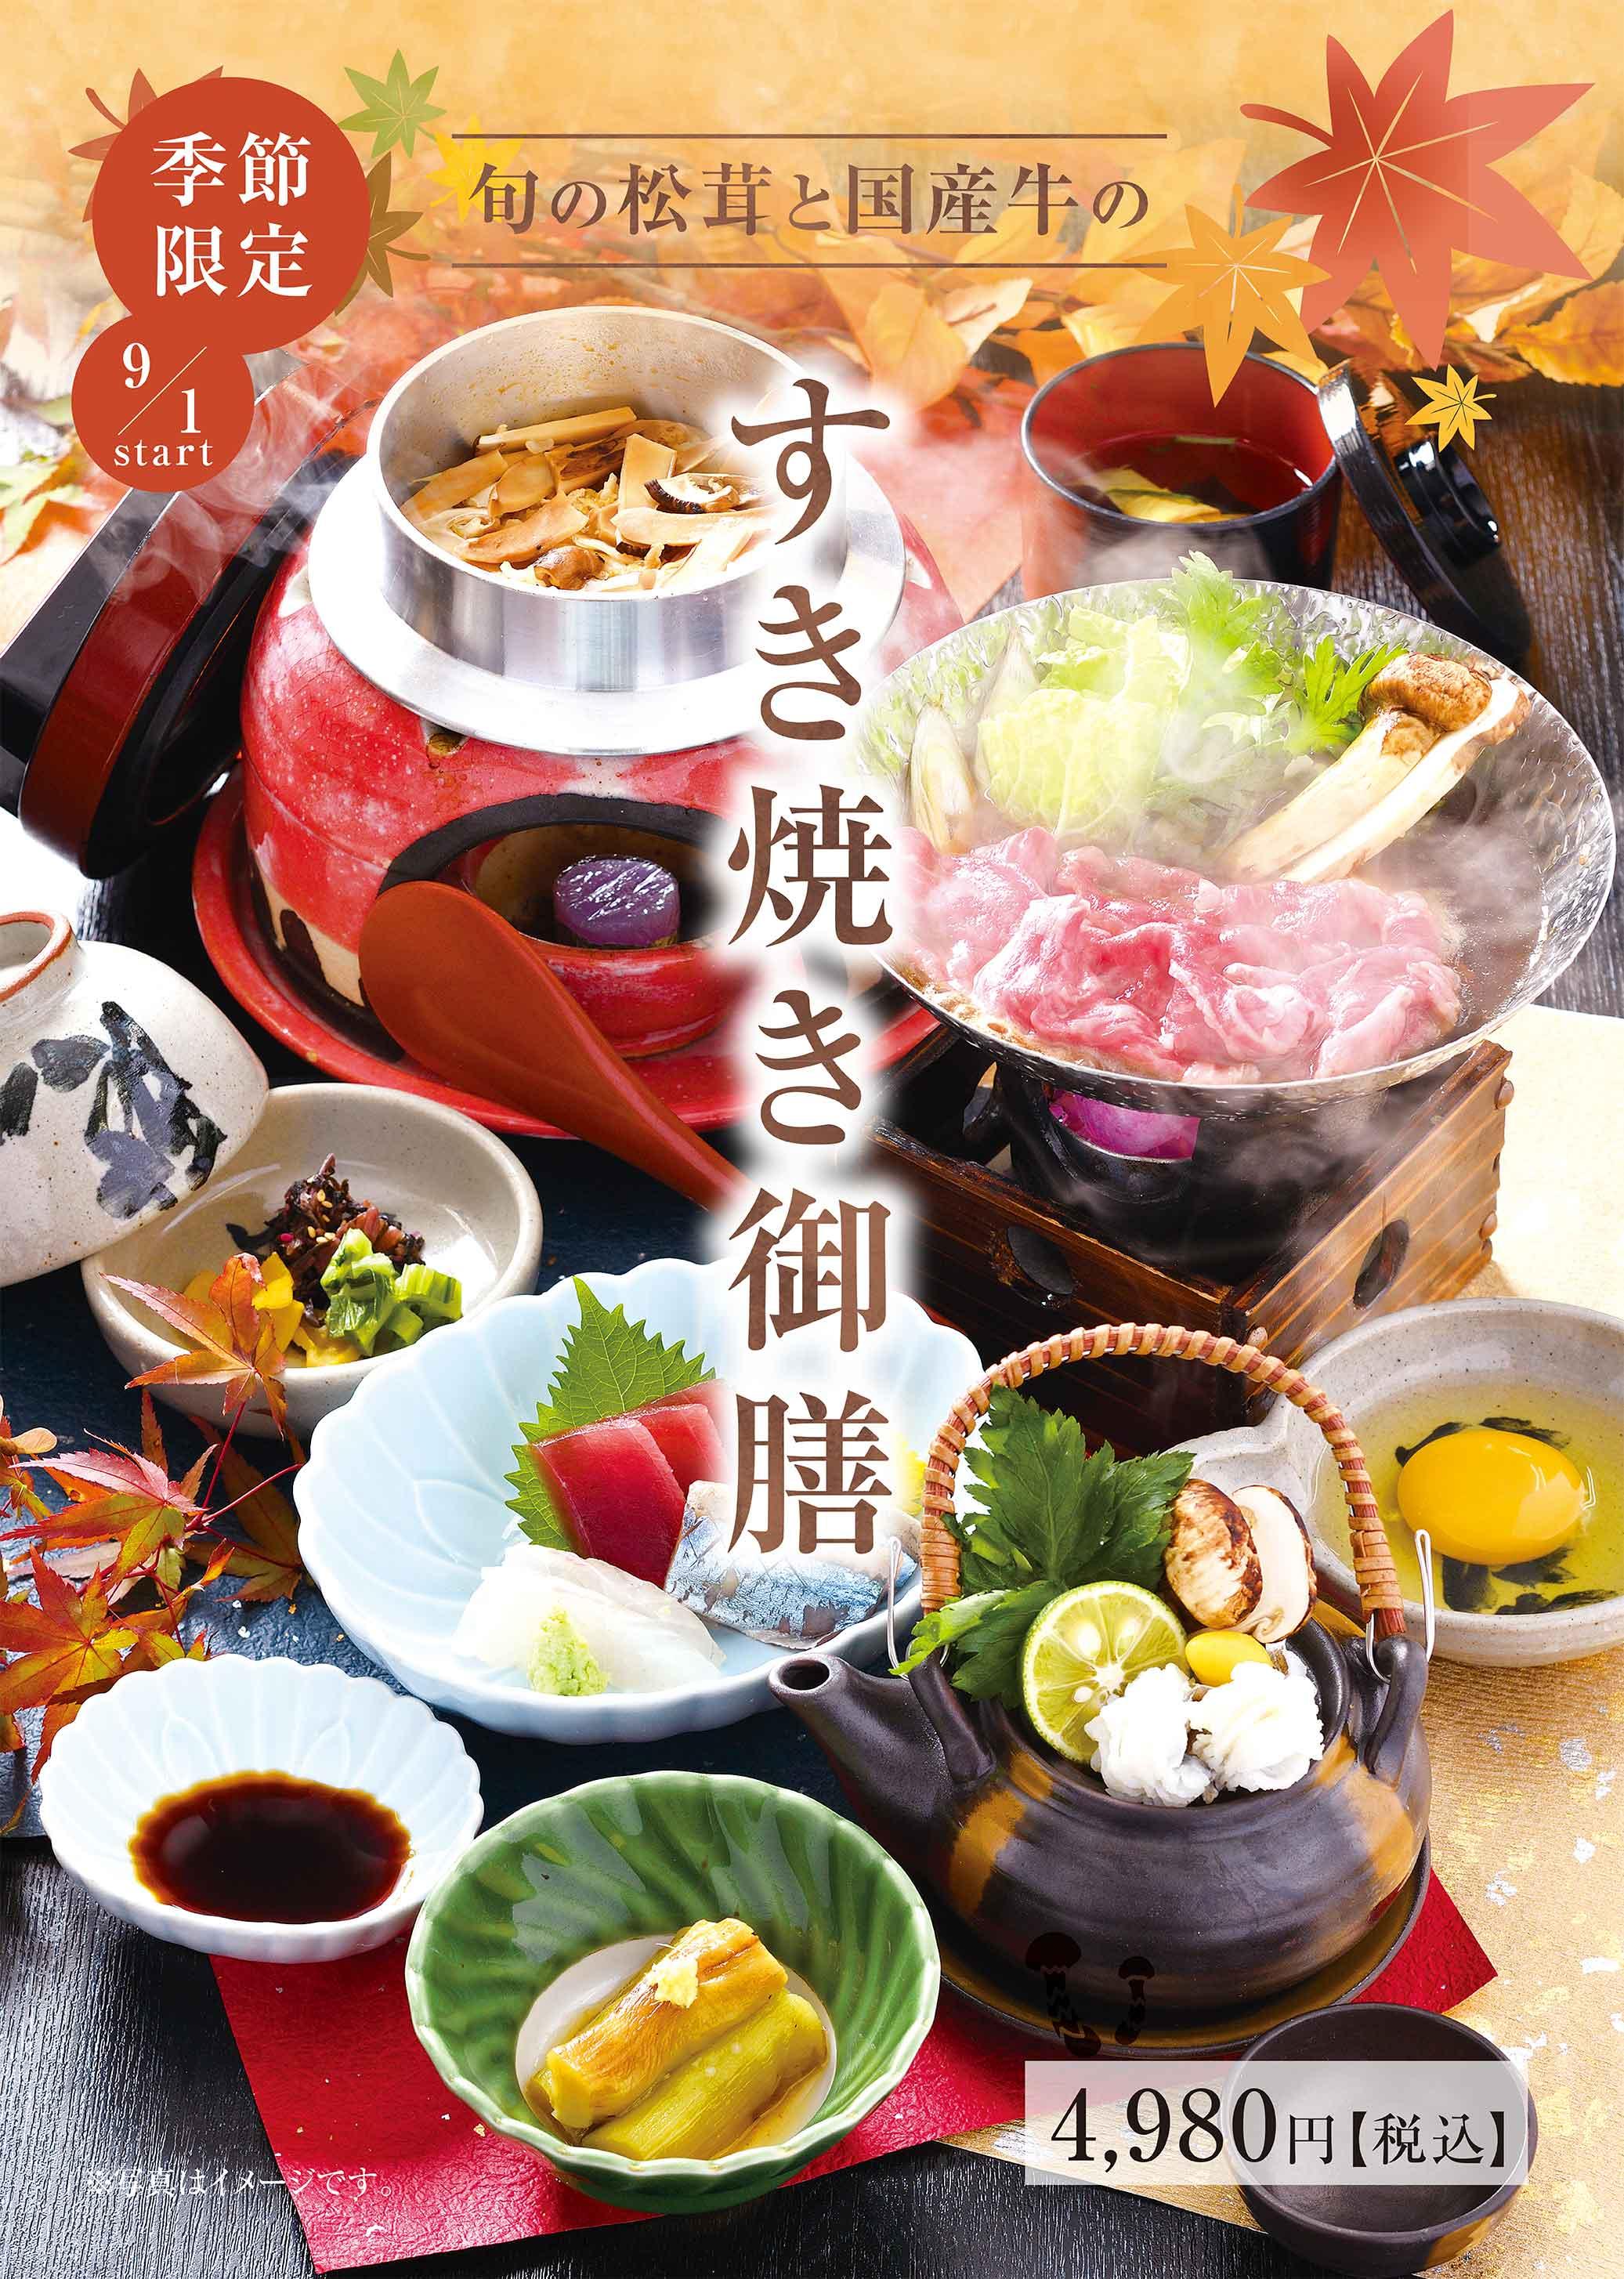 【本店】9/1〜『旬の松茸とすき焼き御膳』〈期間限定〉